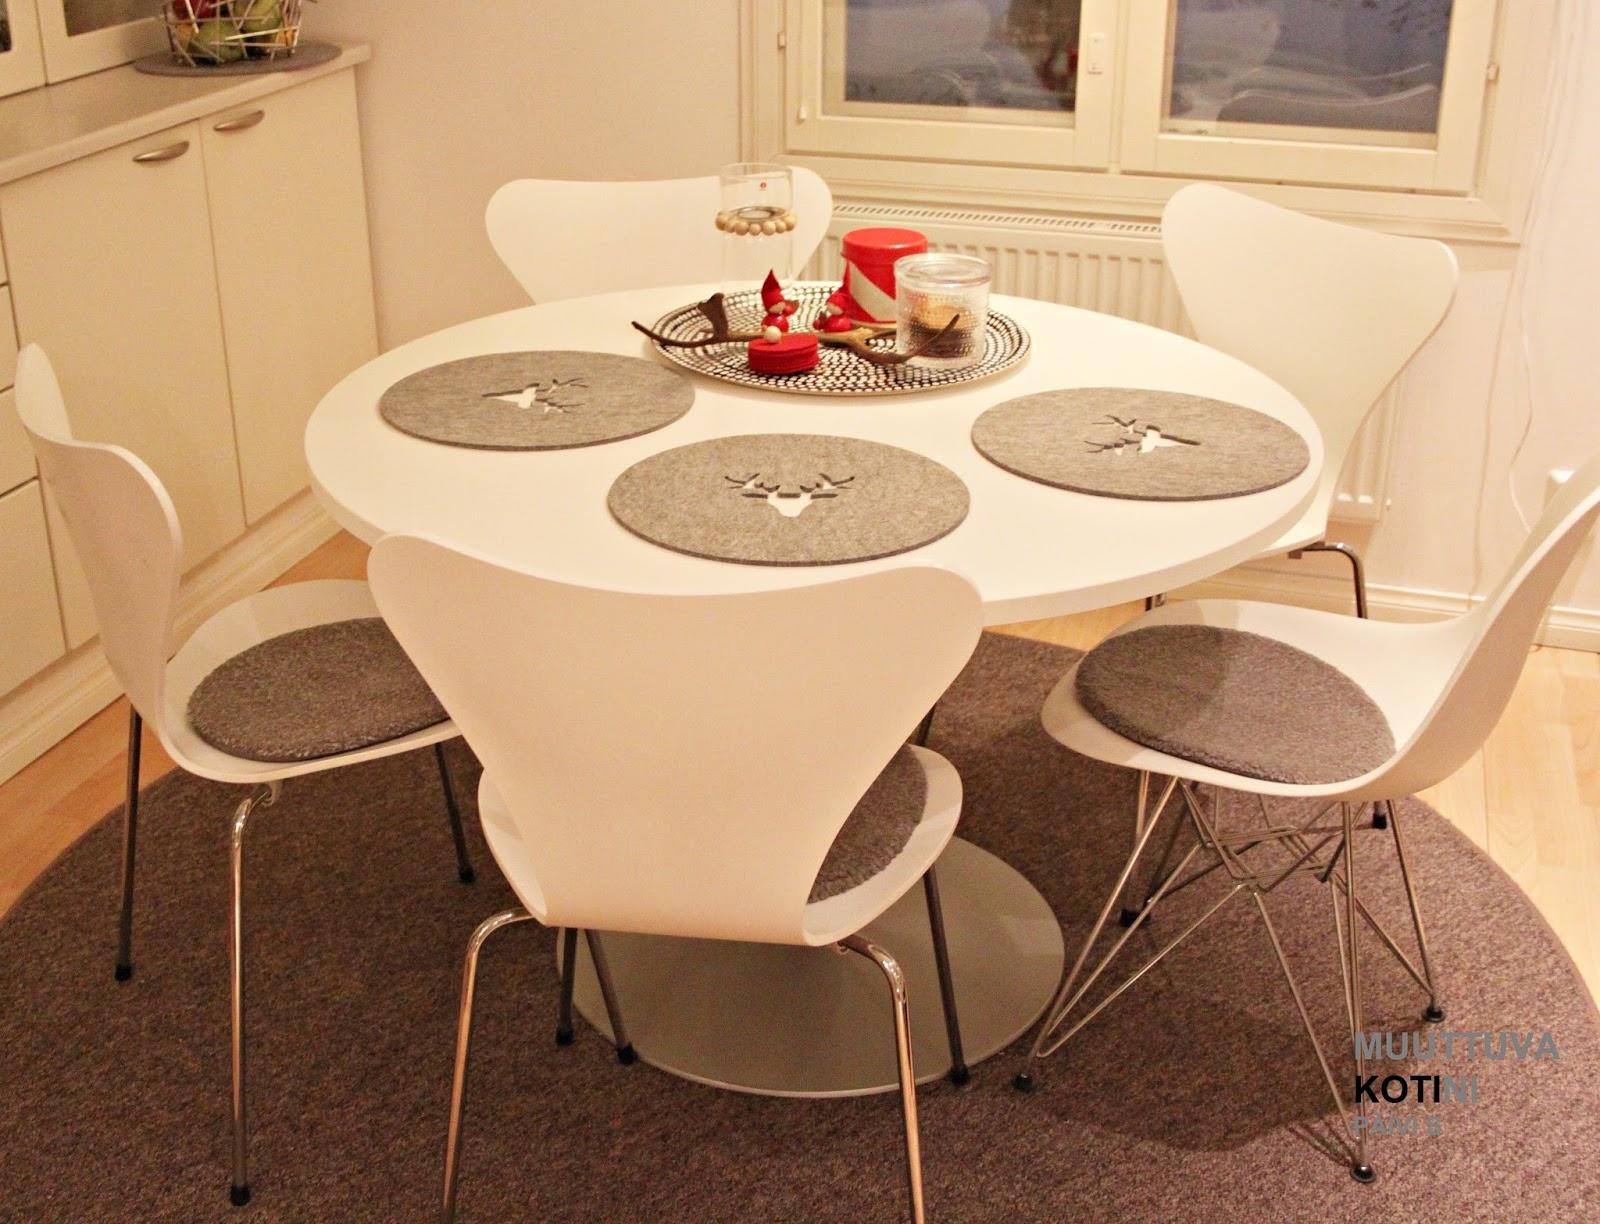 MUUTTUVAKOTINI BLOGI Keittiön pöytä ja lamppu